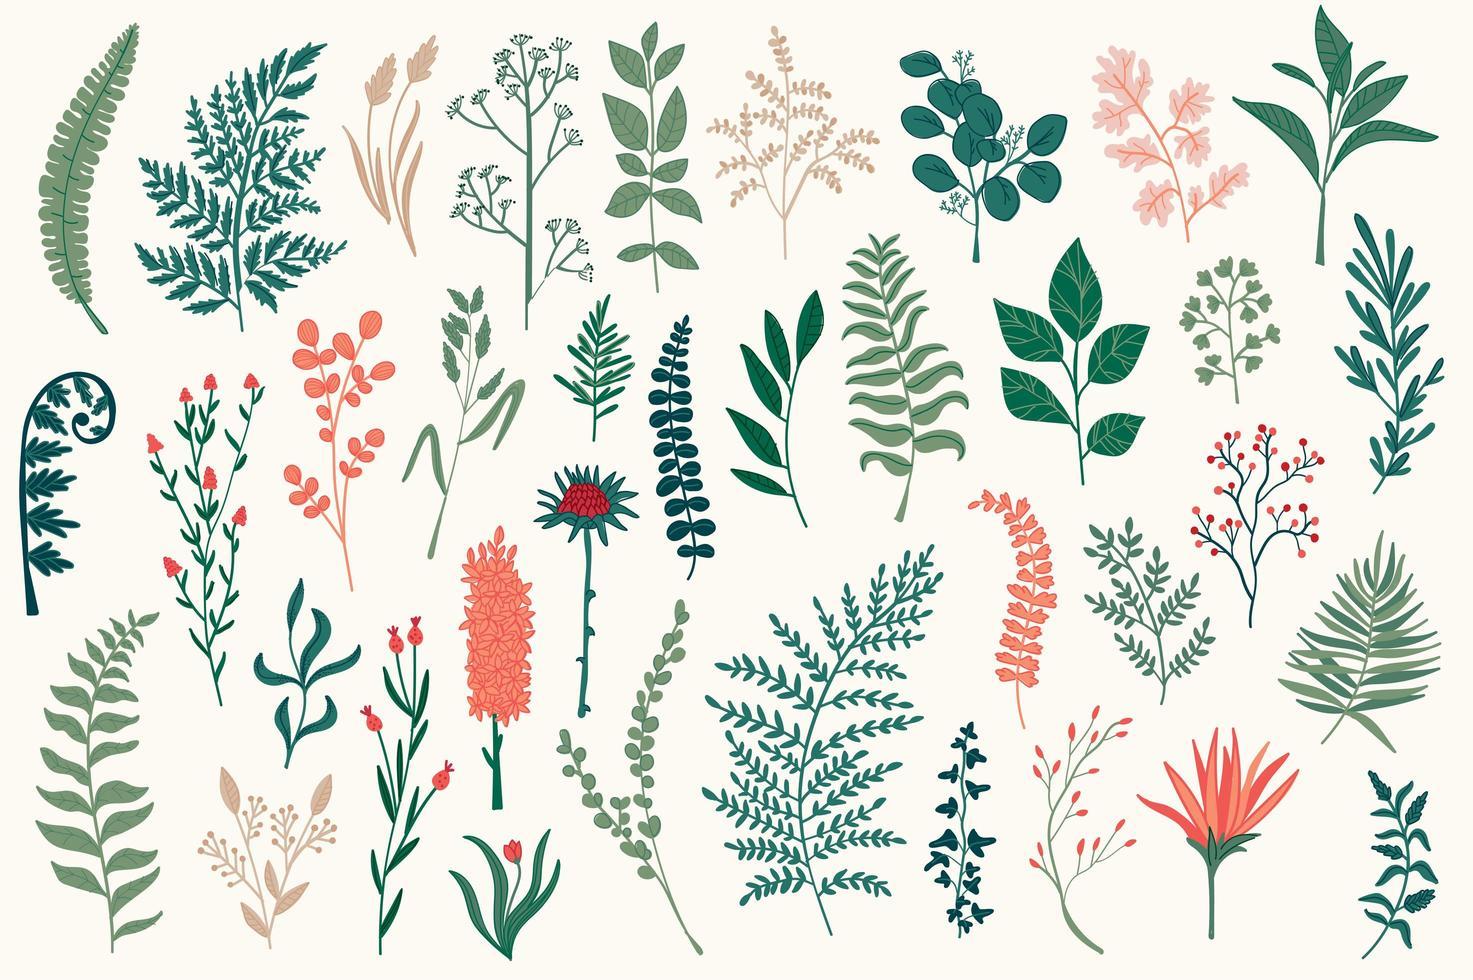 Wildblumen dekorative Elemente gesetzt vektor